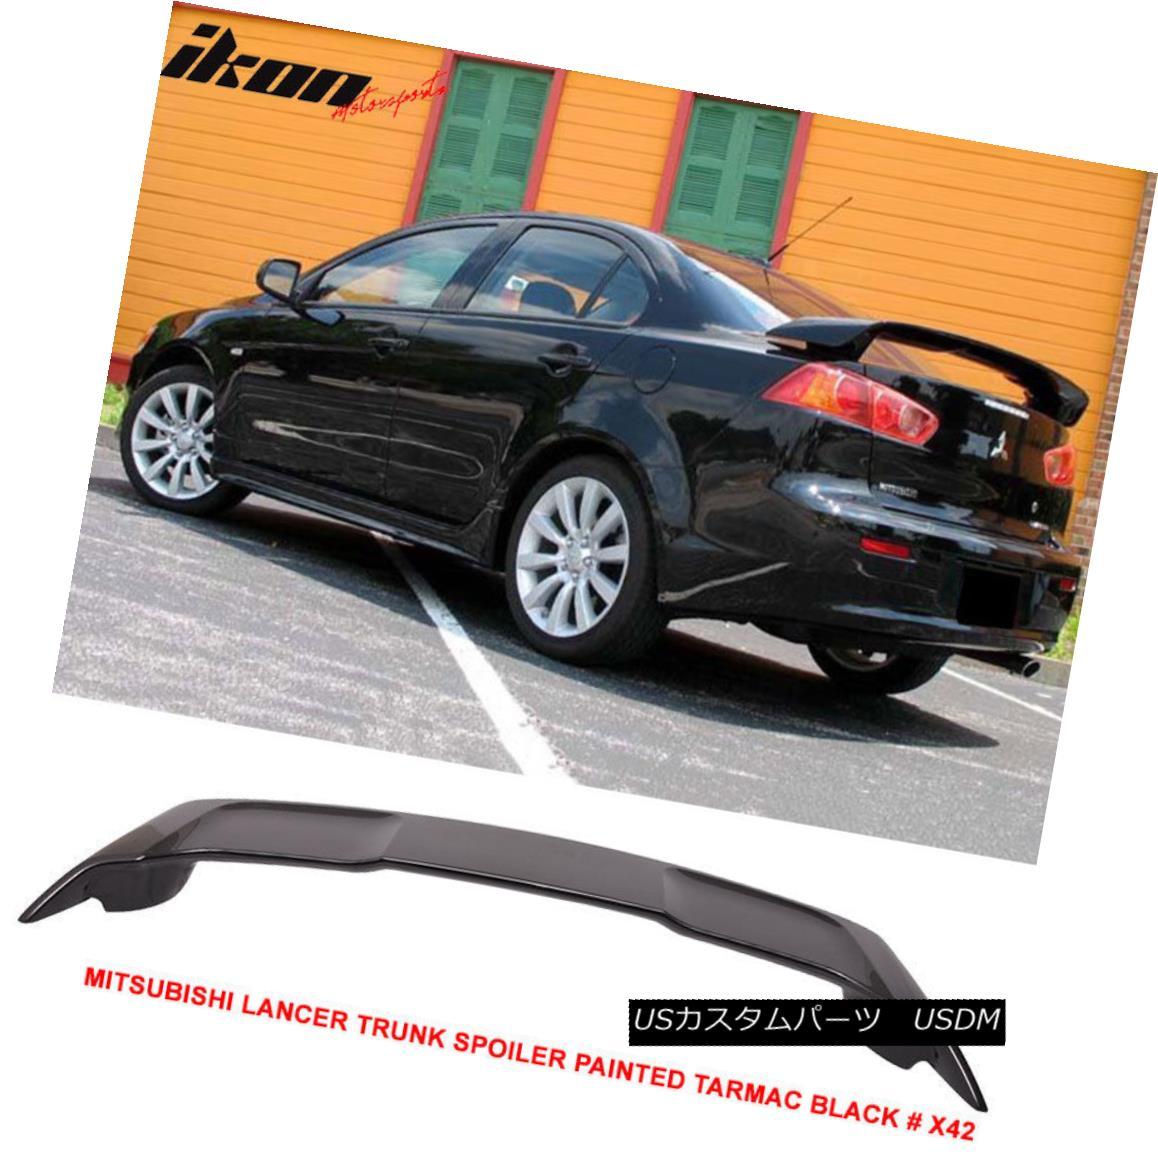 エアロパーツ 08-17 Mitsubishi Lancer OE Trunk Spoiler Painted Tarmac Black # X42 - ABS 08-17三菱ランサーOEトランク・スポイラー塗装済みタクシーブラック#X42 - ABS